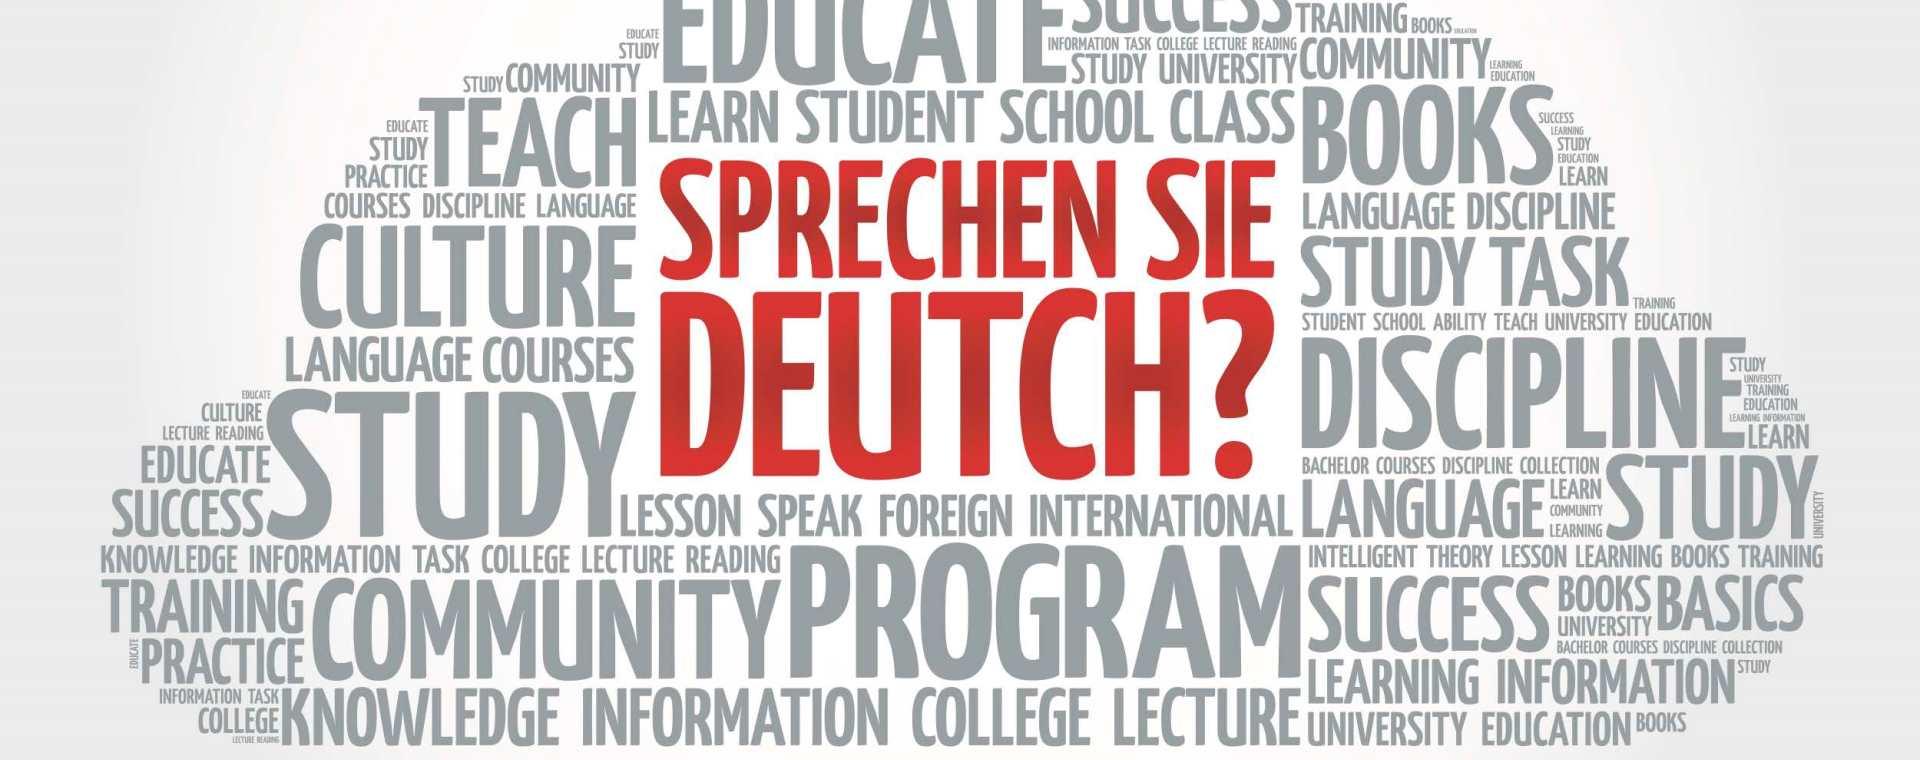 Sprache prägt unseren zwischenmenschlichen Umgang